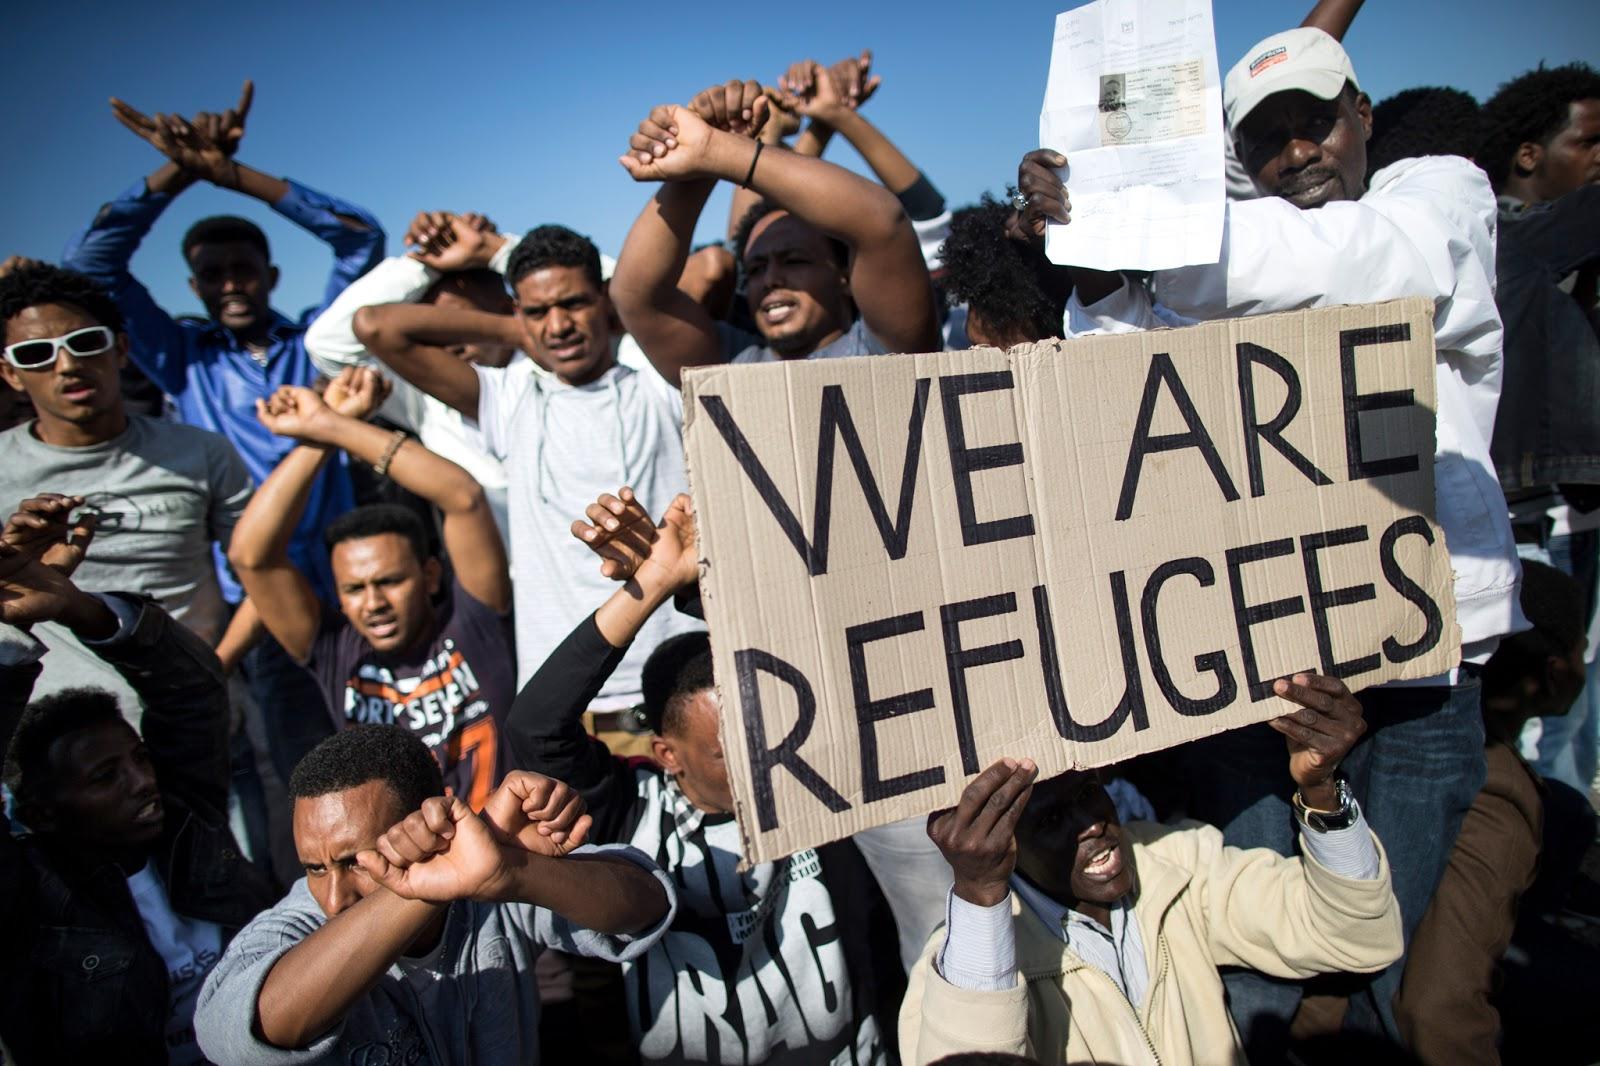 Immigrazionismo